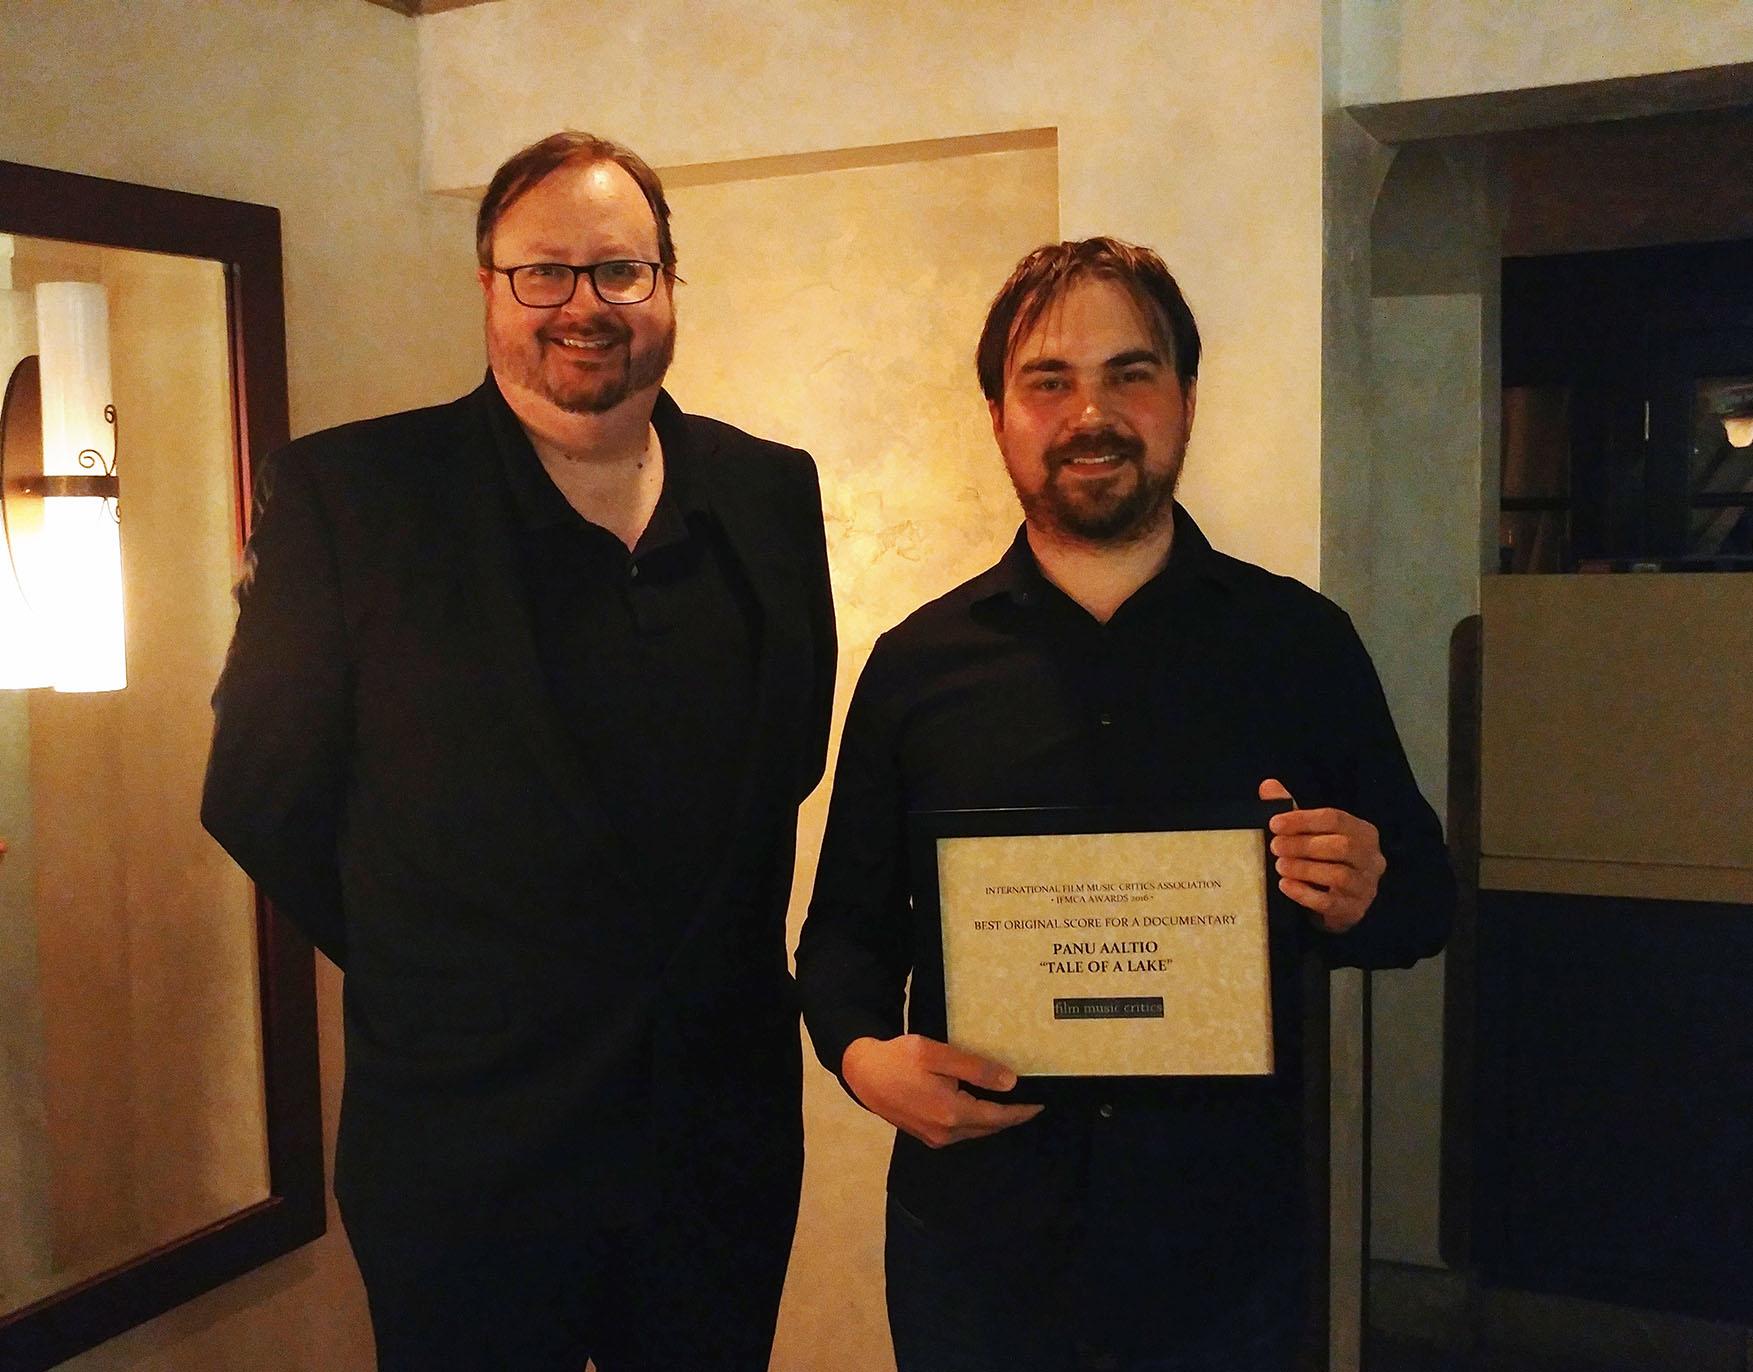 IFMCA Member  Jon Broxton  and  Panu Aaltio